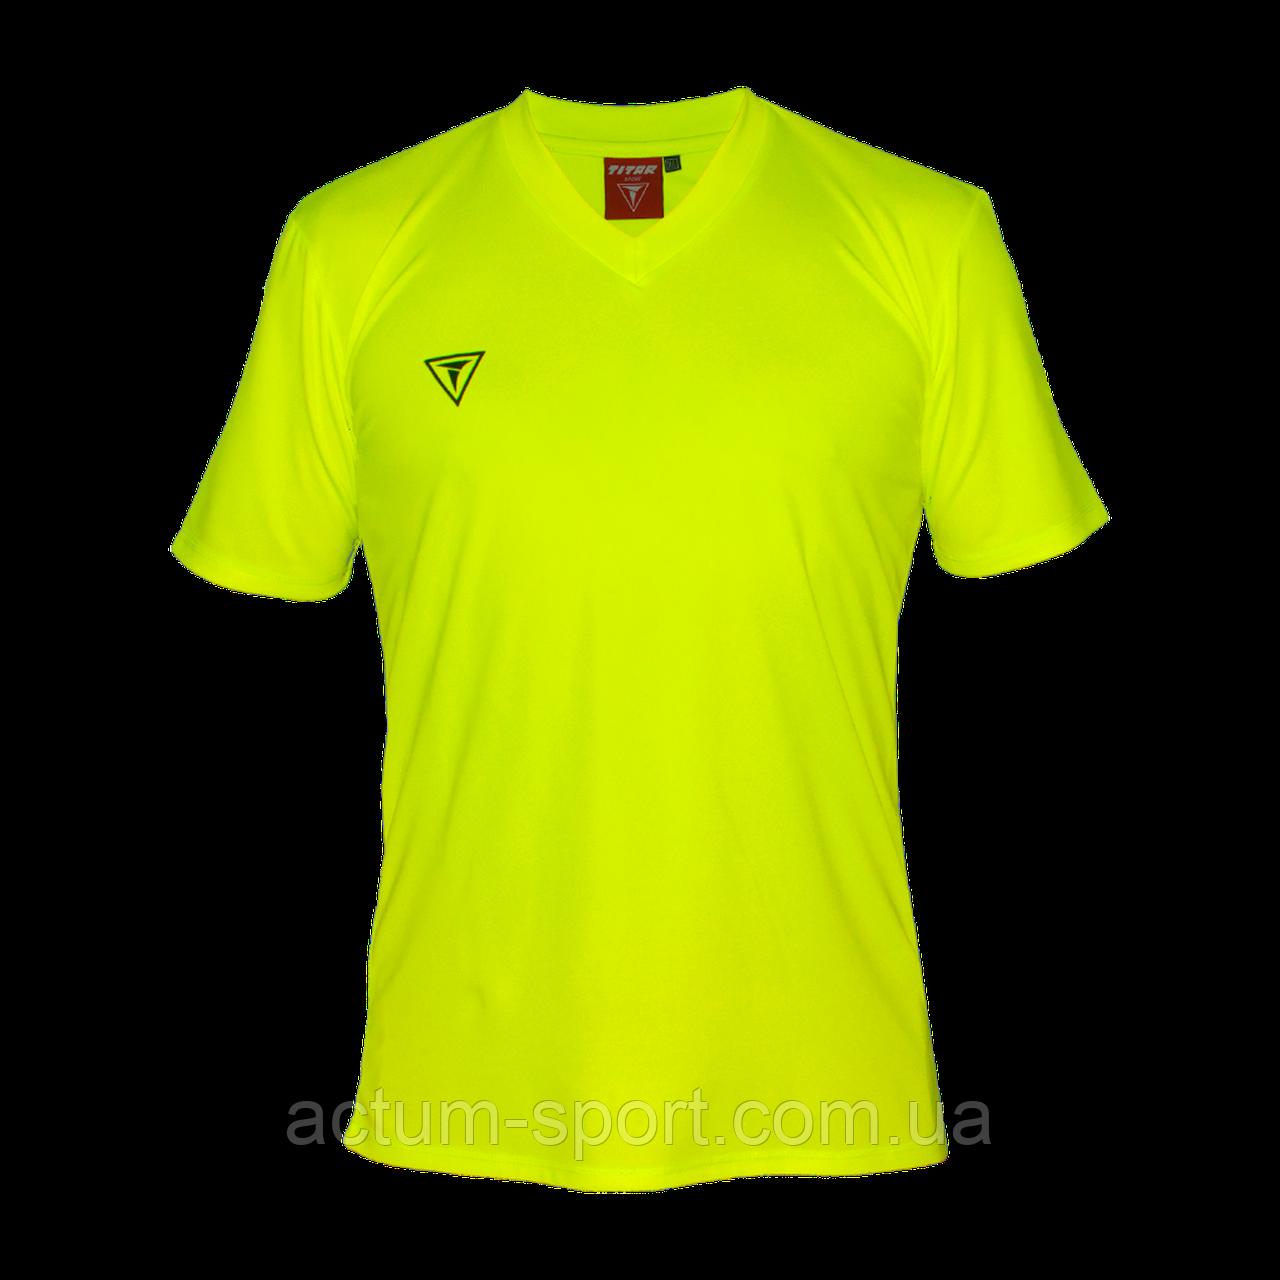 Футболка игровая Universal Titar Лимонный, XL